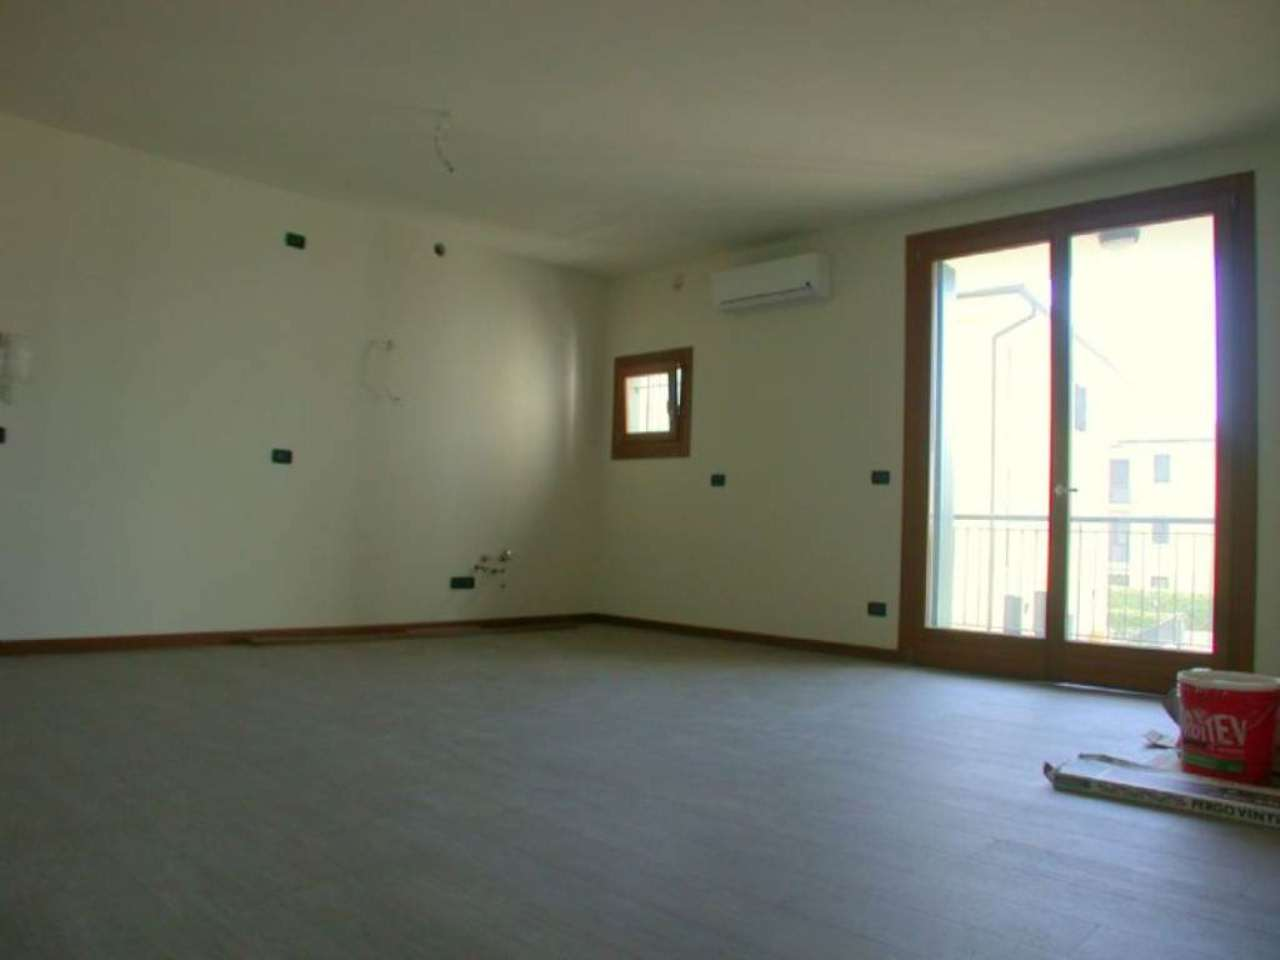 Appartamento in vendita a Silea, 3 locali, prezzo € 145.000 | Cambio Casa.it